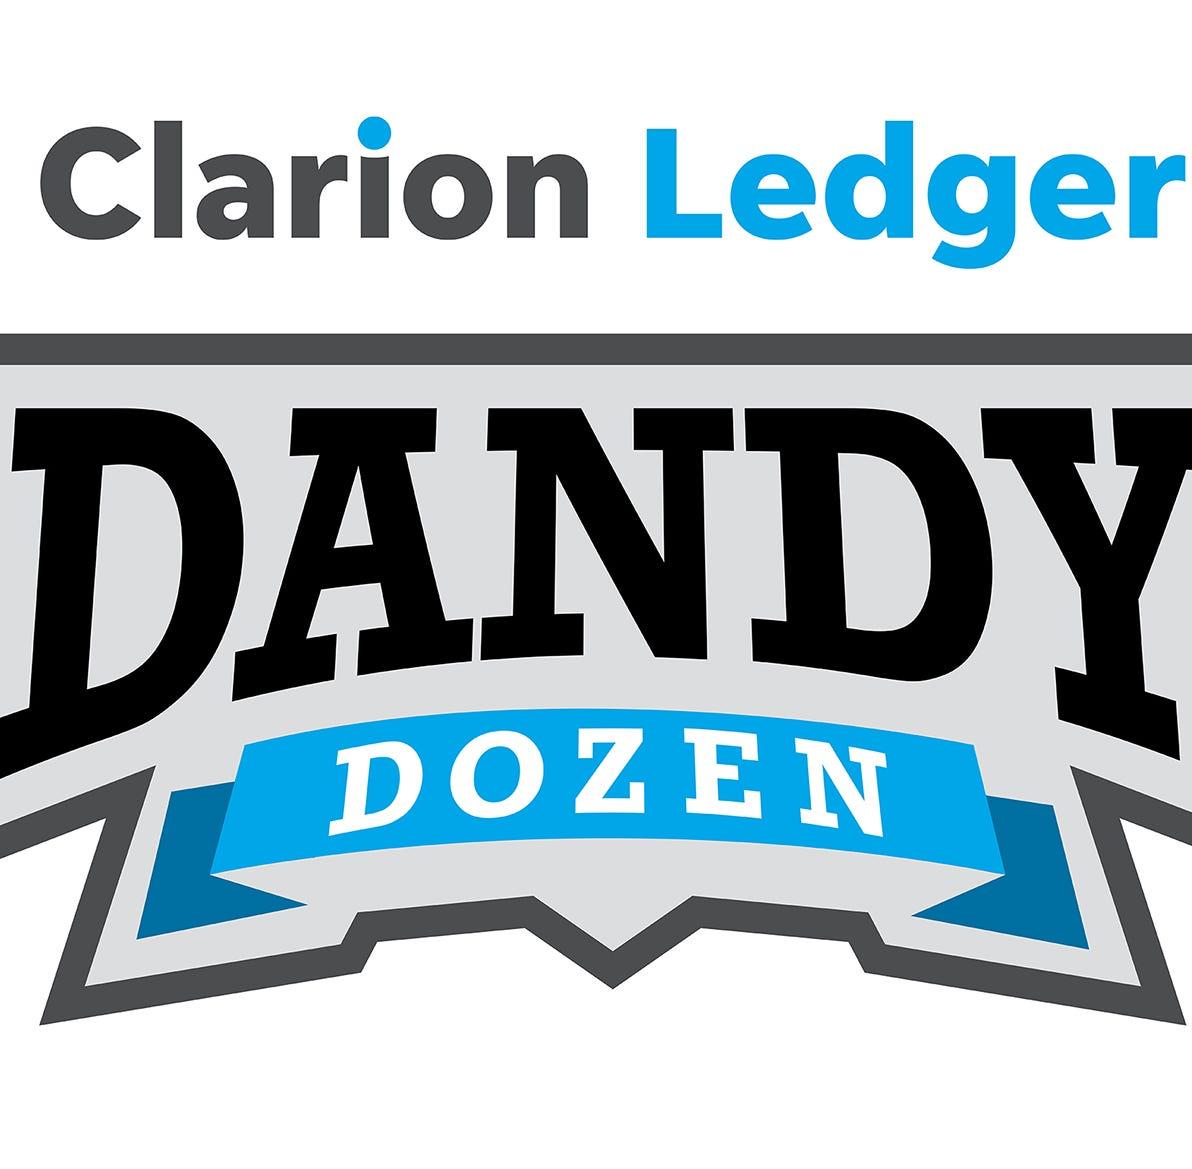 Introducing the 2019 Clarion Ledger baseball Dandy Dozen